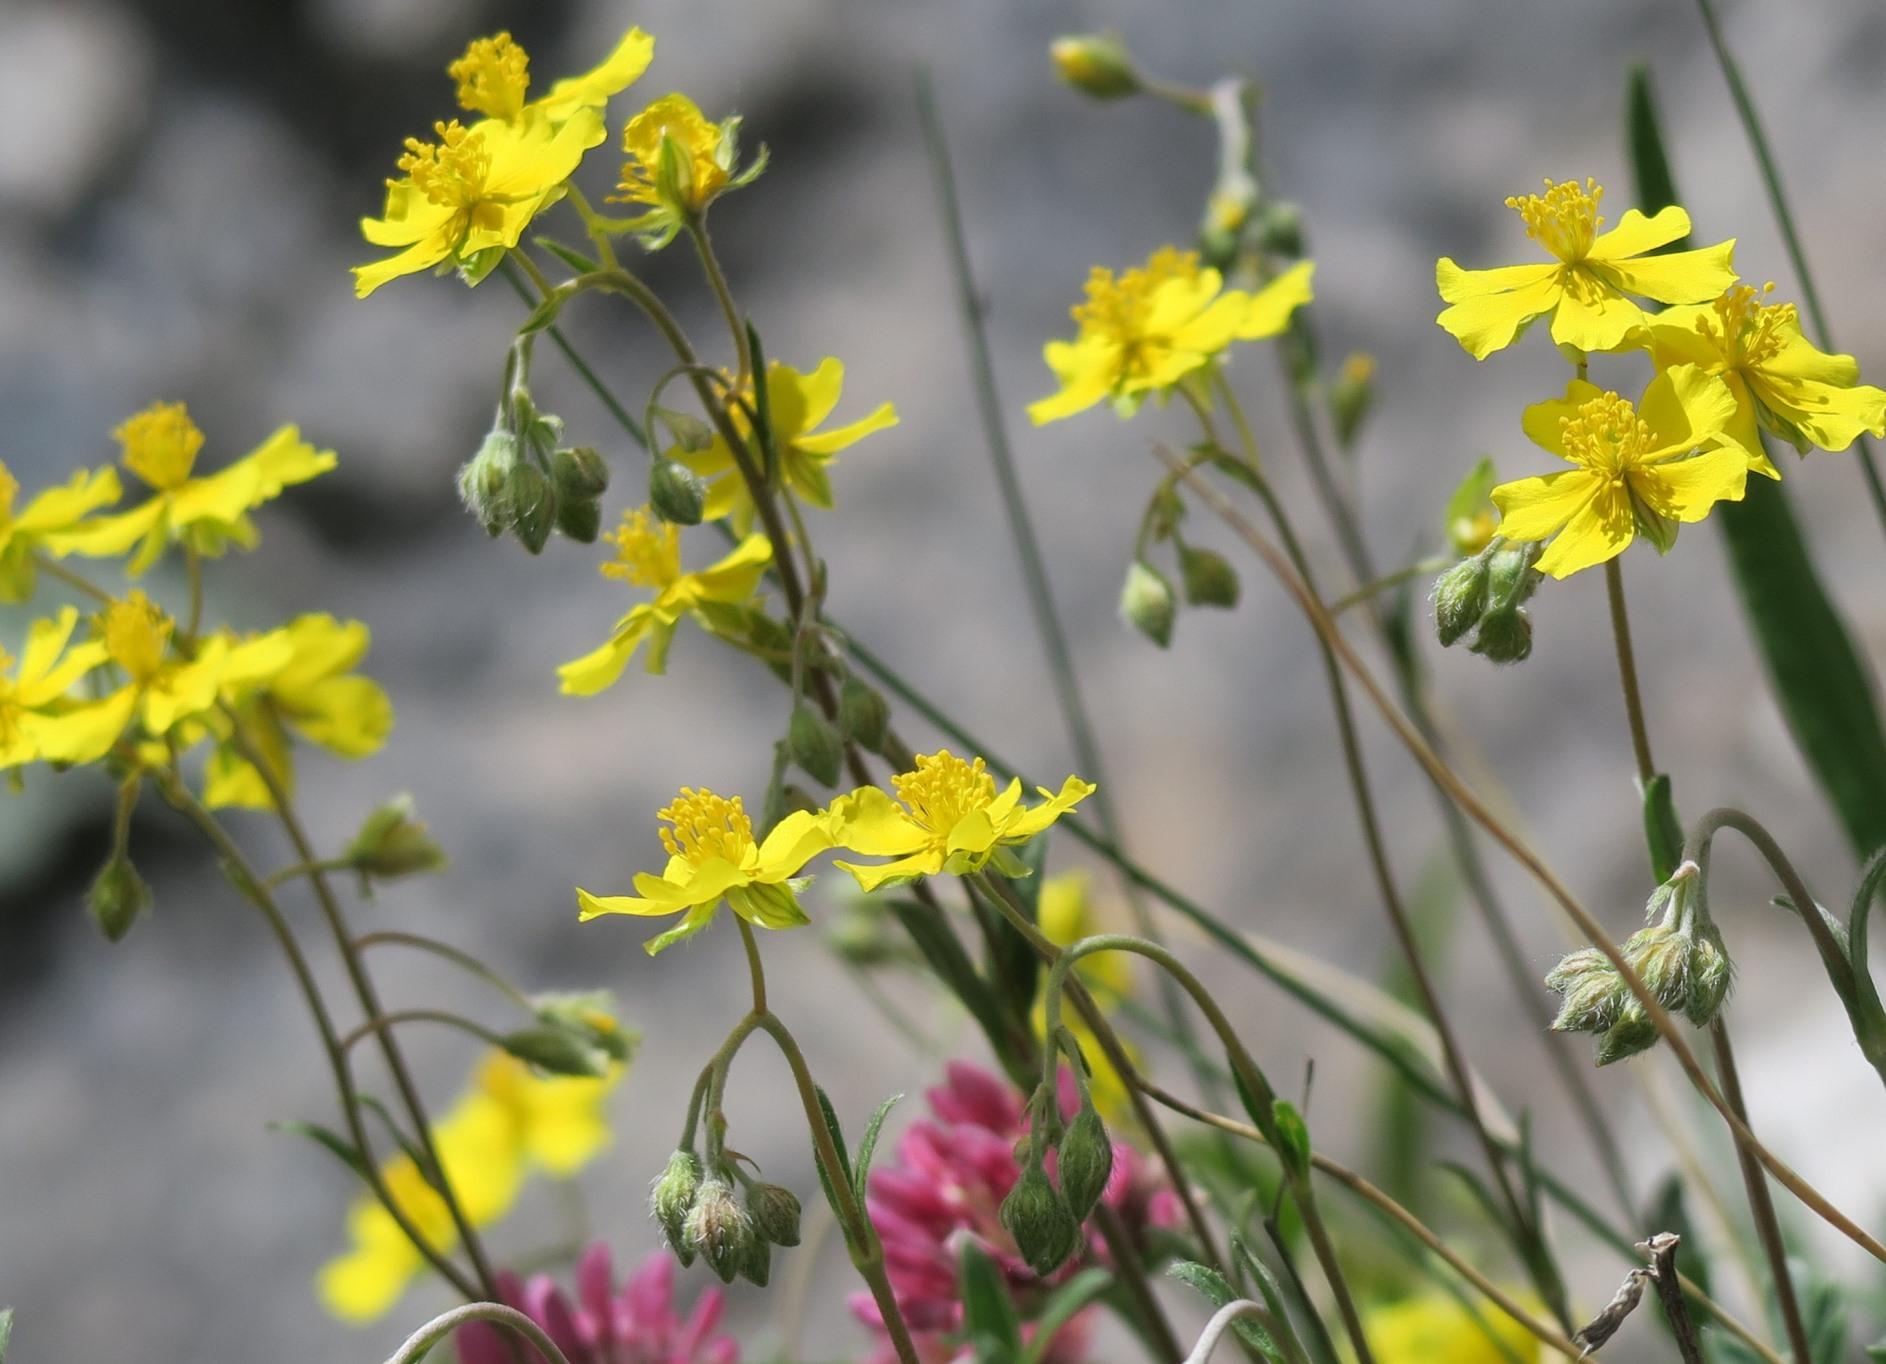 ピレネーに咲く色とりどりの花々